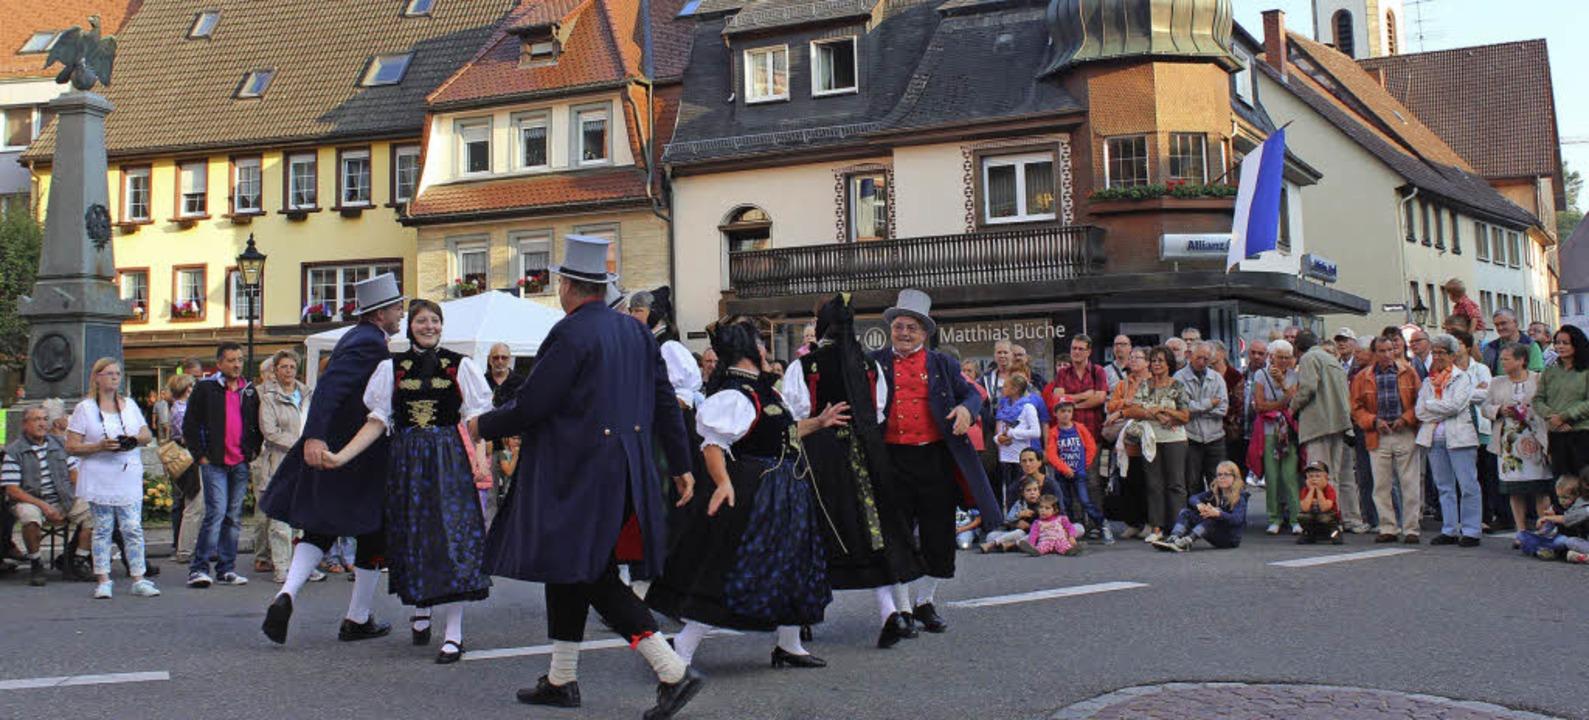 Rheinländer, Wechselrheinländer, Polka... bei der Löffinger Kulturnacht bewies.    Foto: Christa Maier